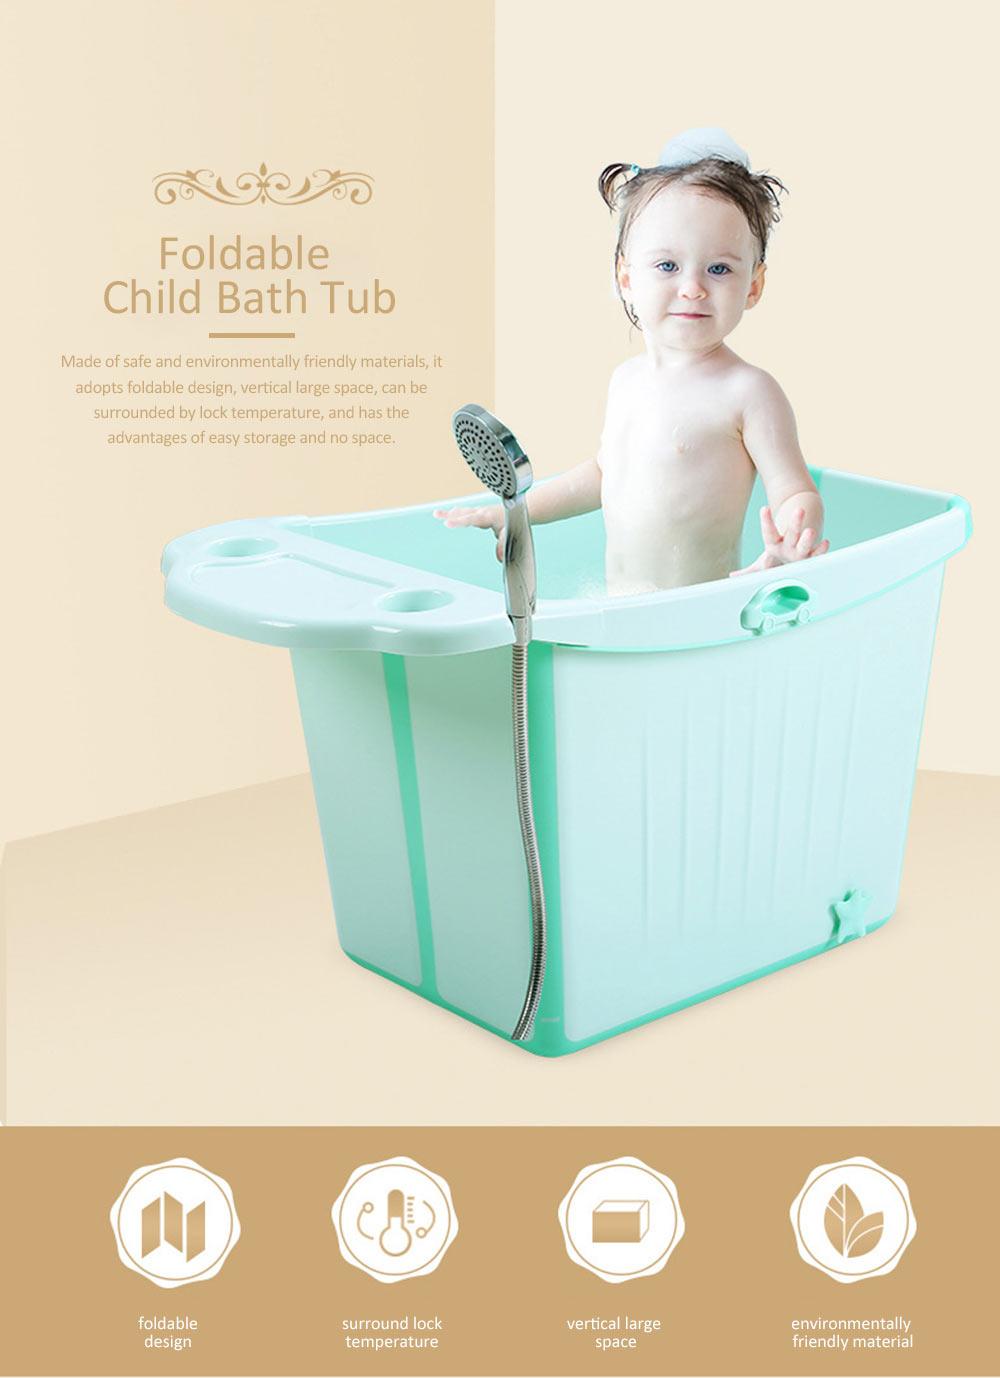 Foldable Child Bath Tub Plus Size Baby Bath Tub with Shelf 0